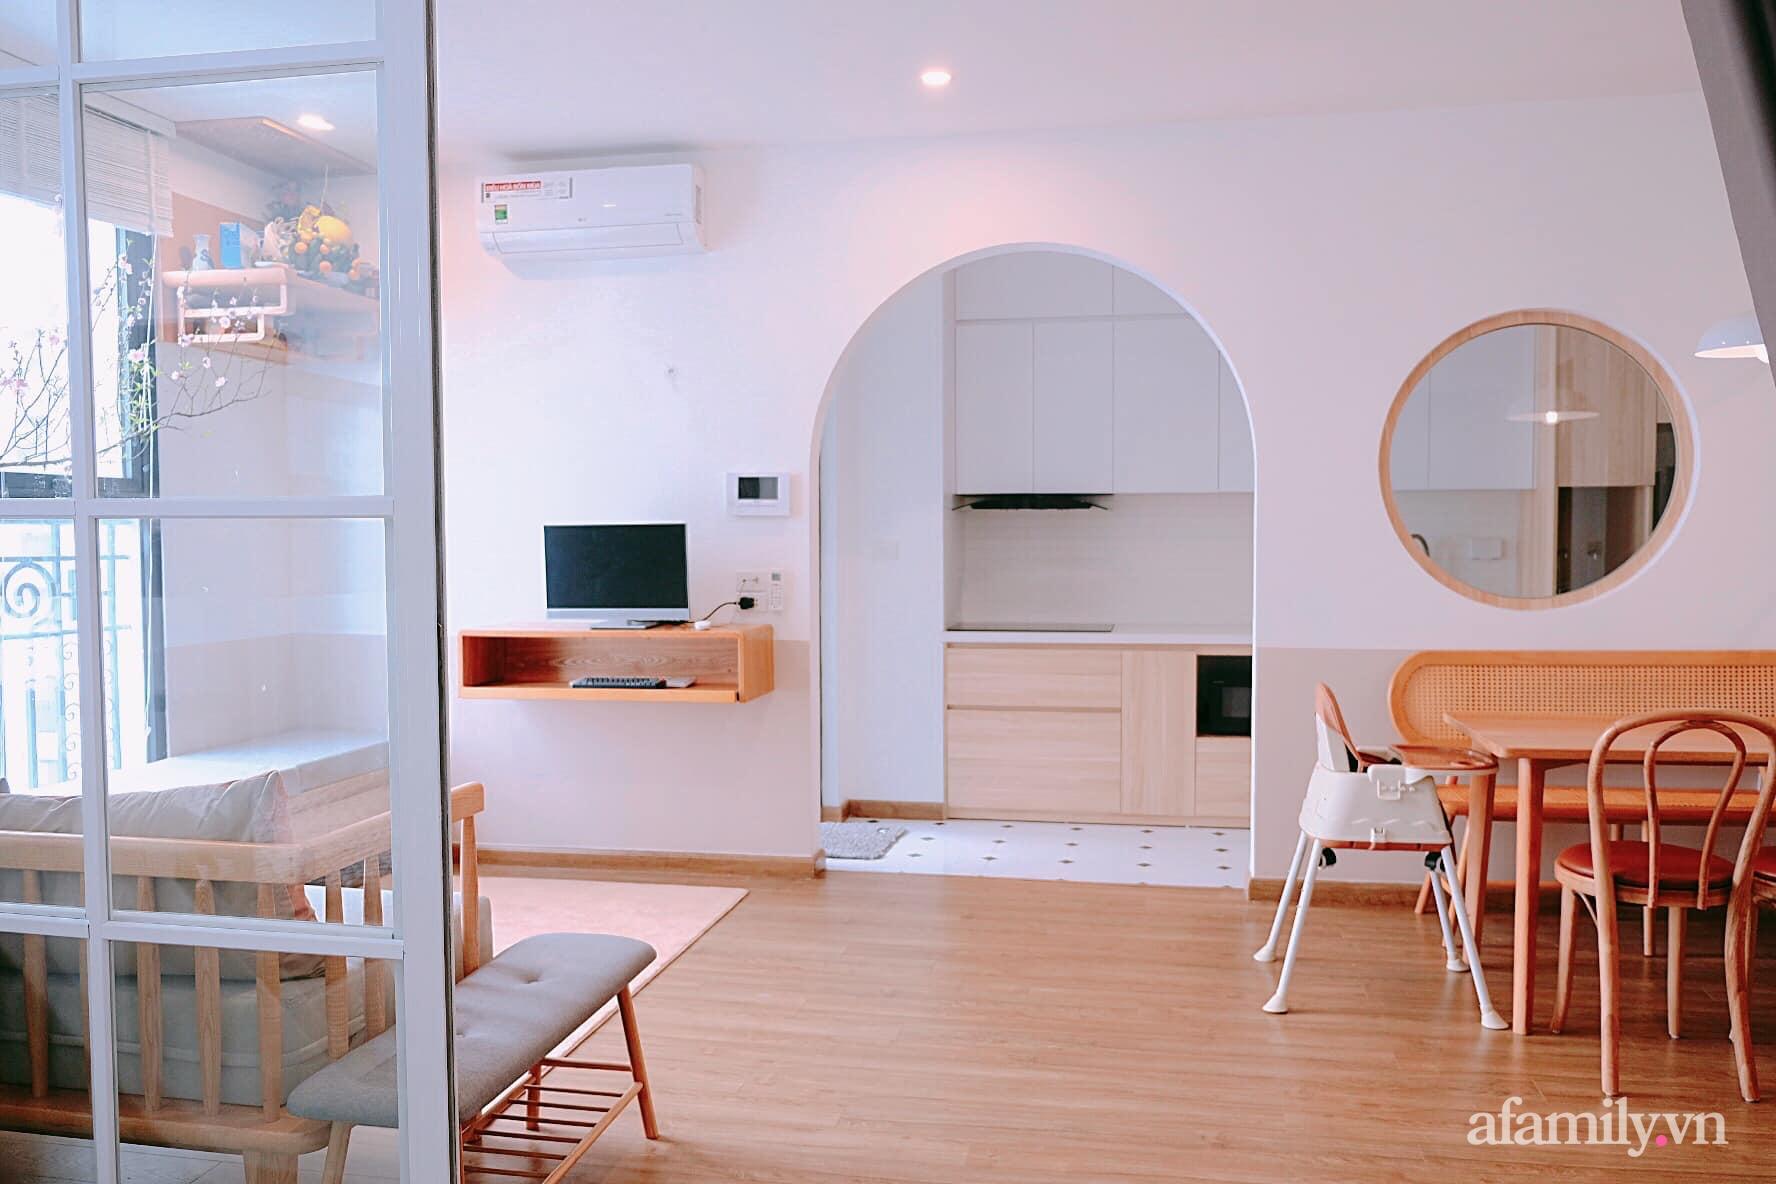 Căn hộ 78m² đẹp tinh tế và tiện dụng với phong cách tối giản của cặp vợ chồng trẻ ở Hà Nội - Ảnh 5.